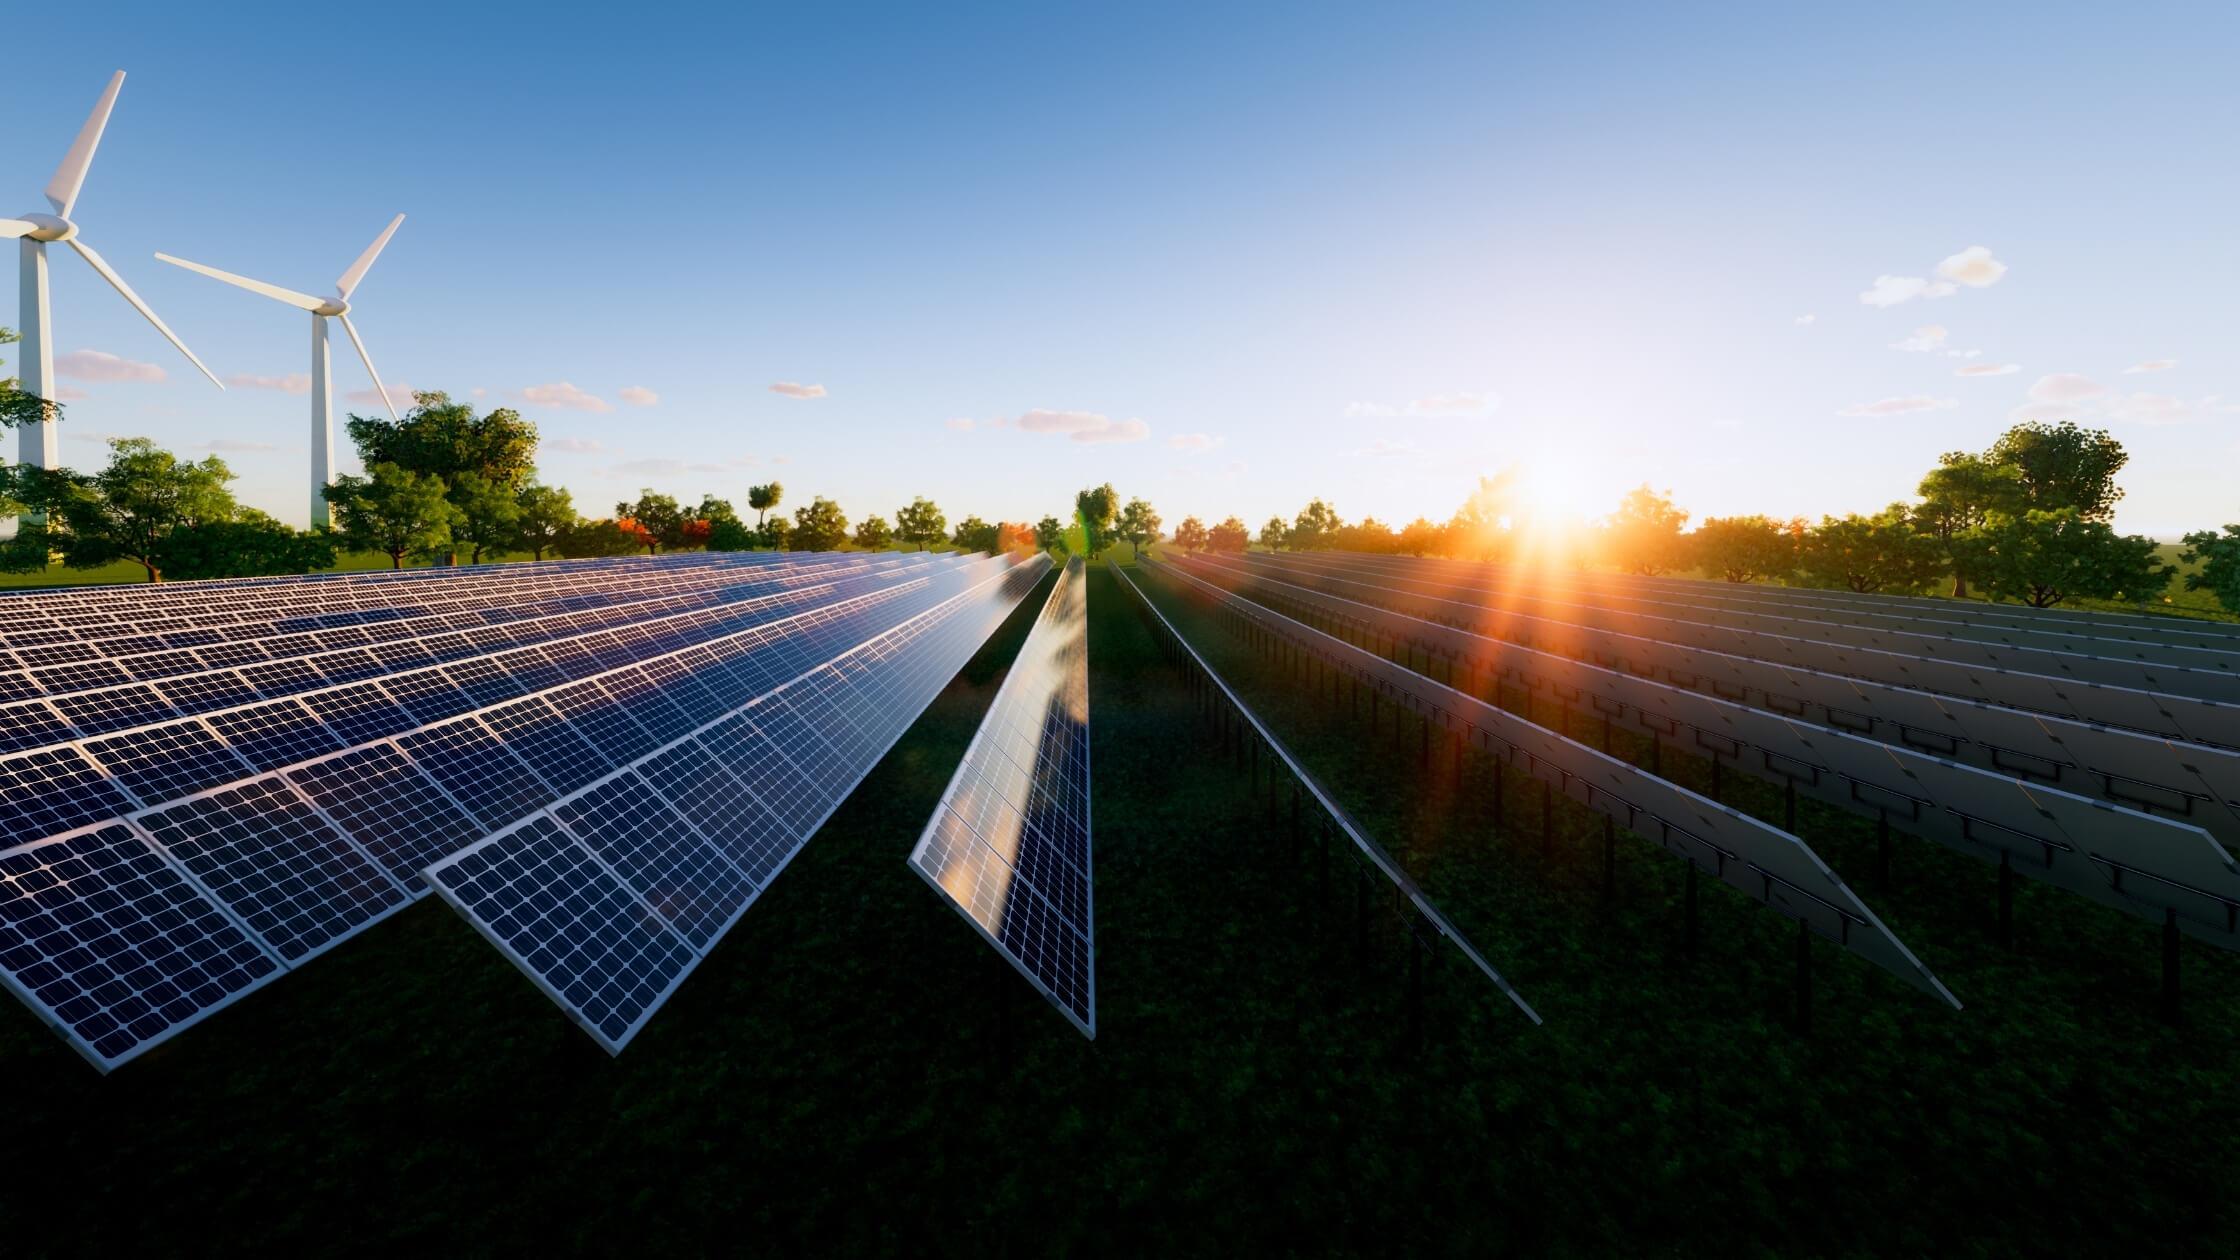 Duurzaamheid: de salderingsregeling bij zonnepanelen